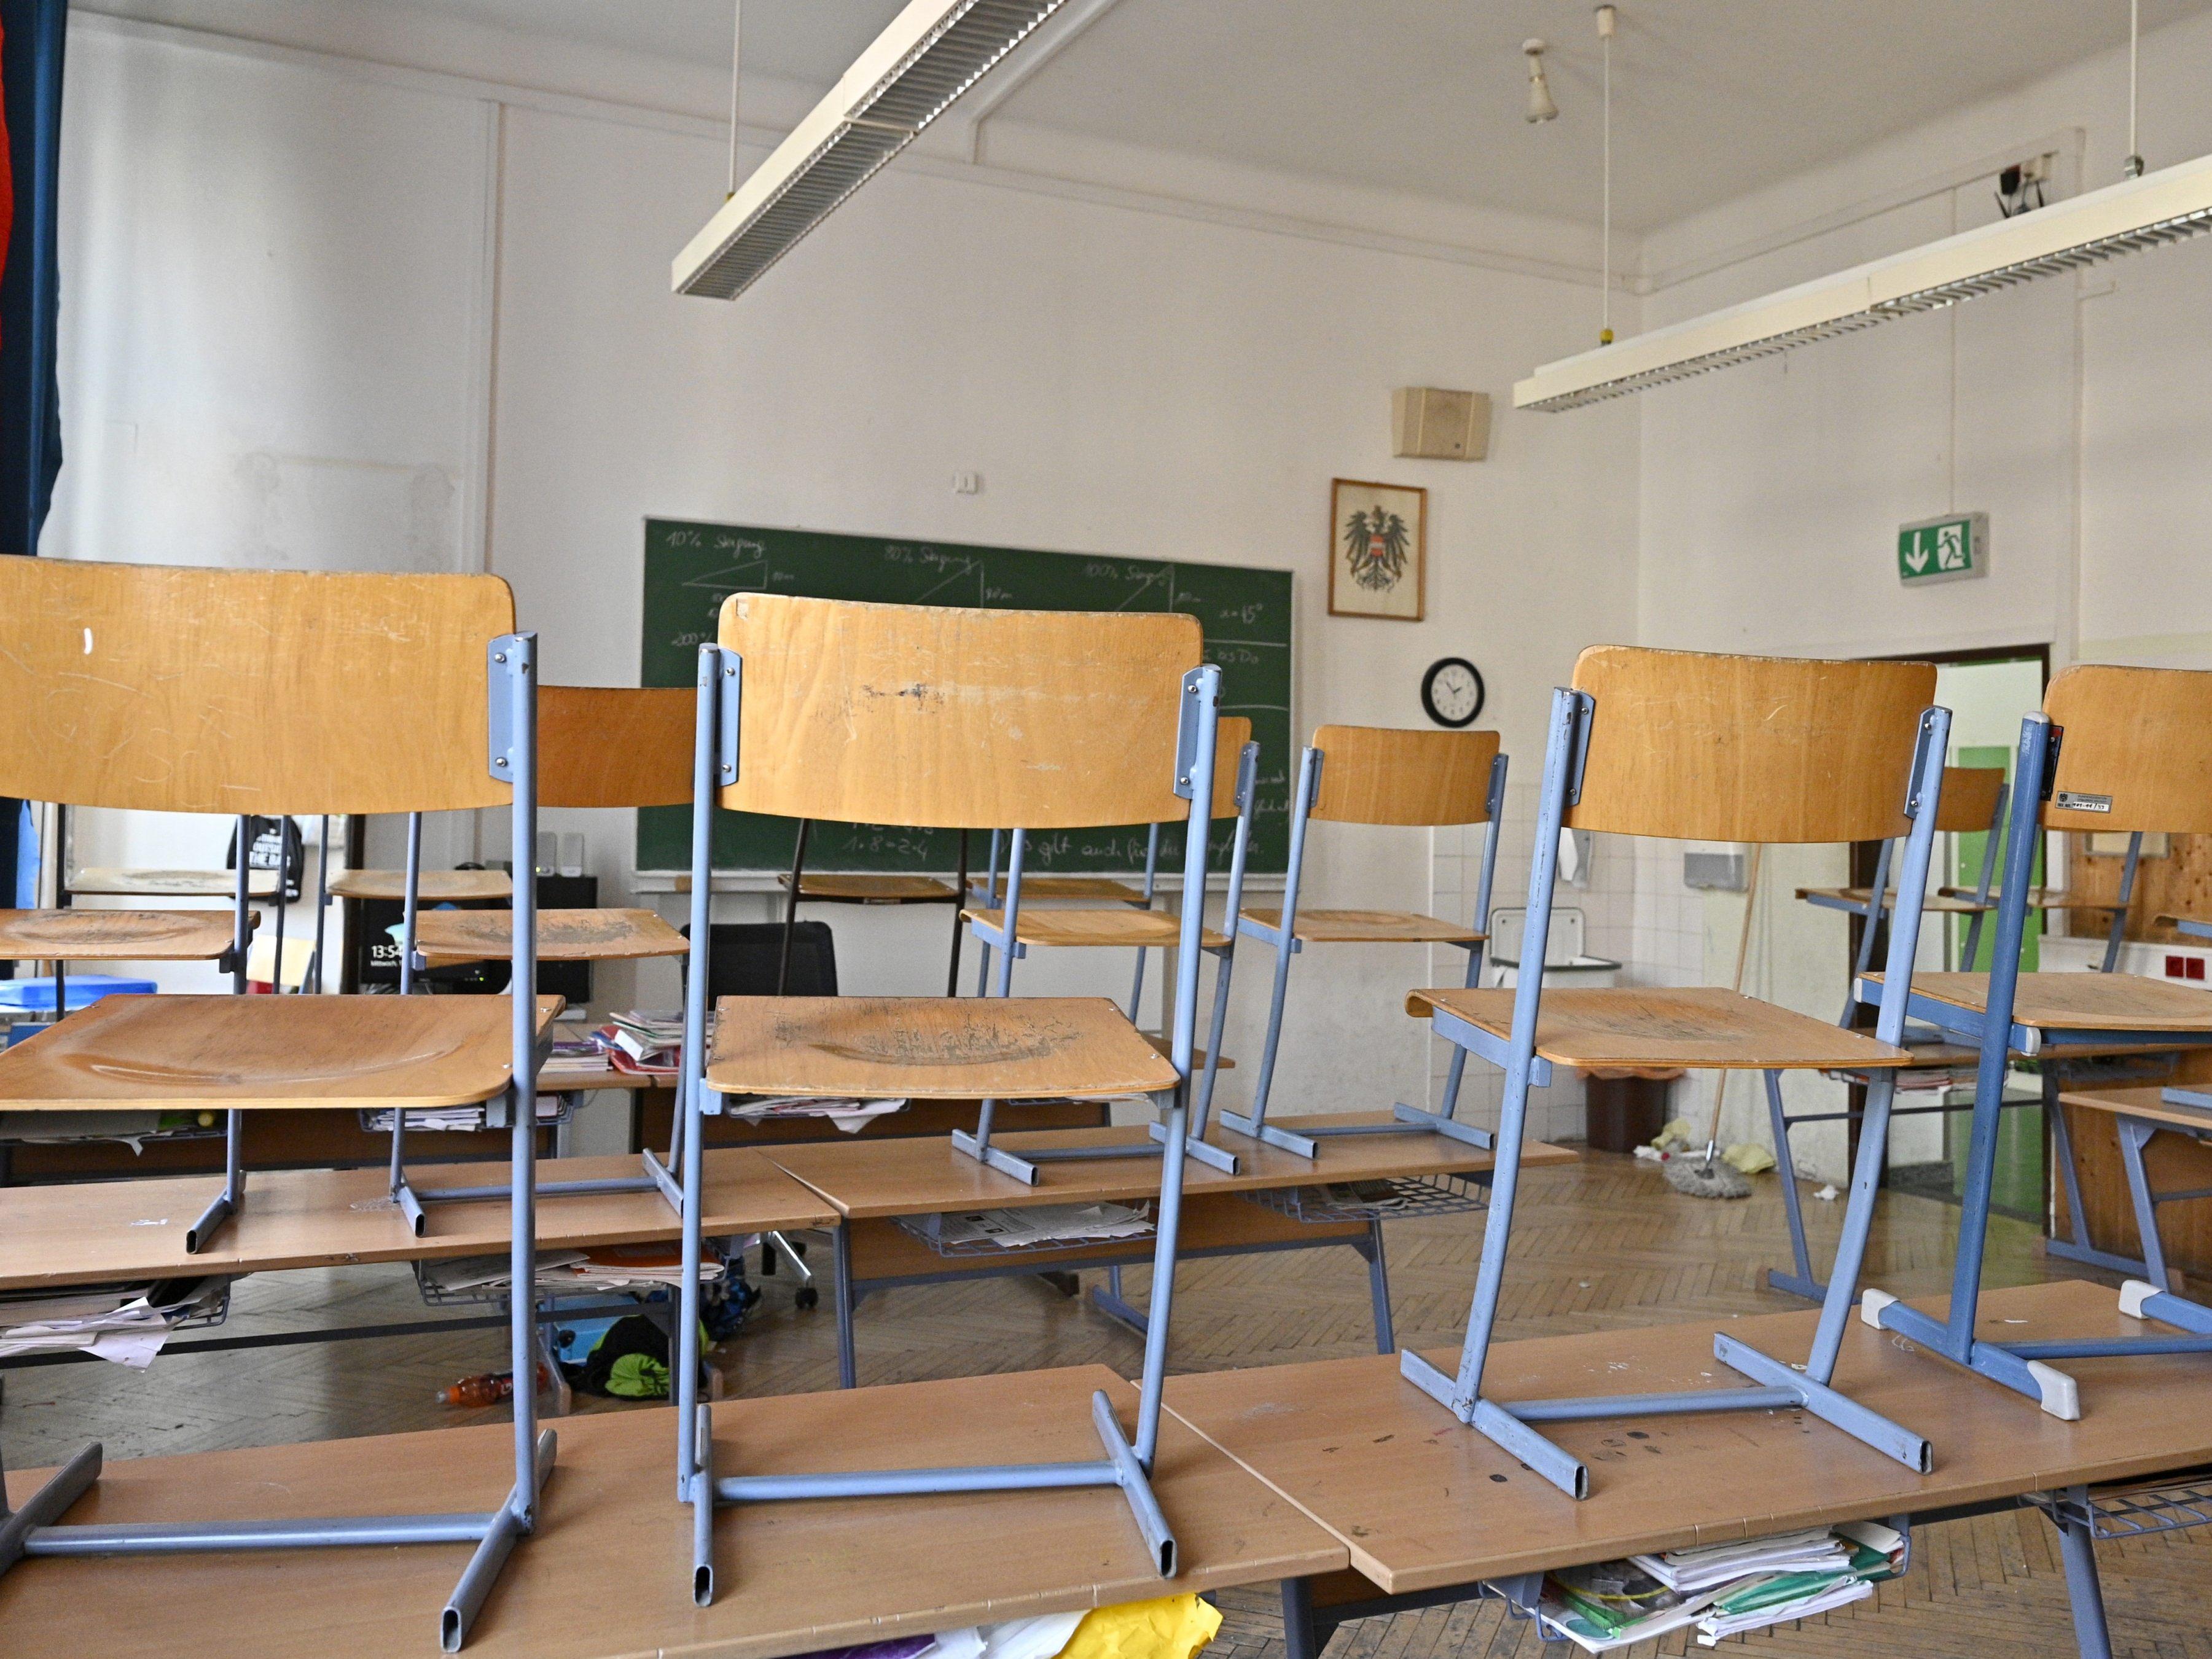 Corona österreich Schulen